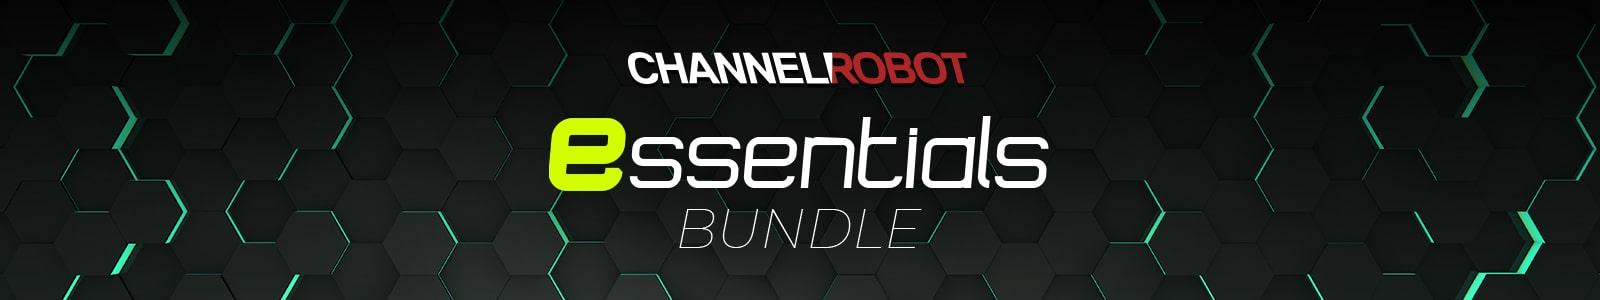 channel robot essentials bundle